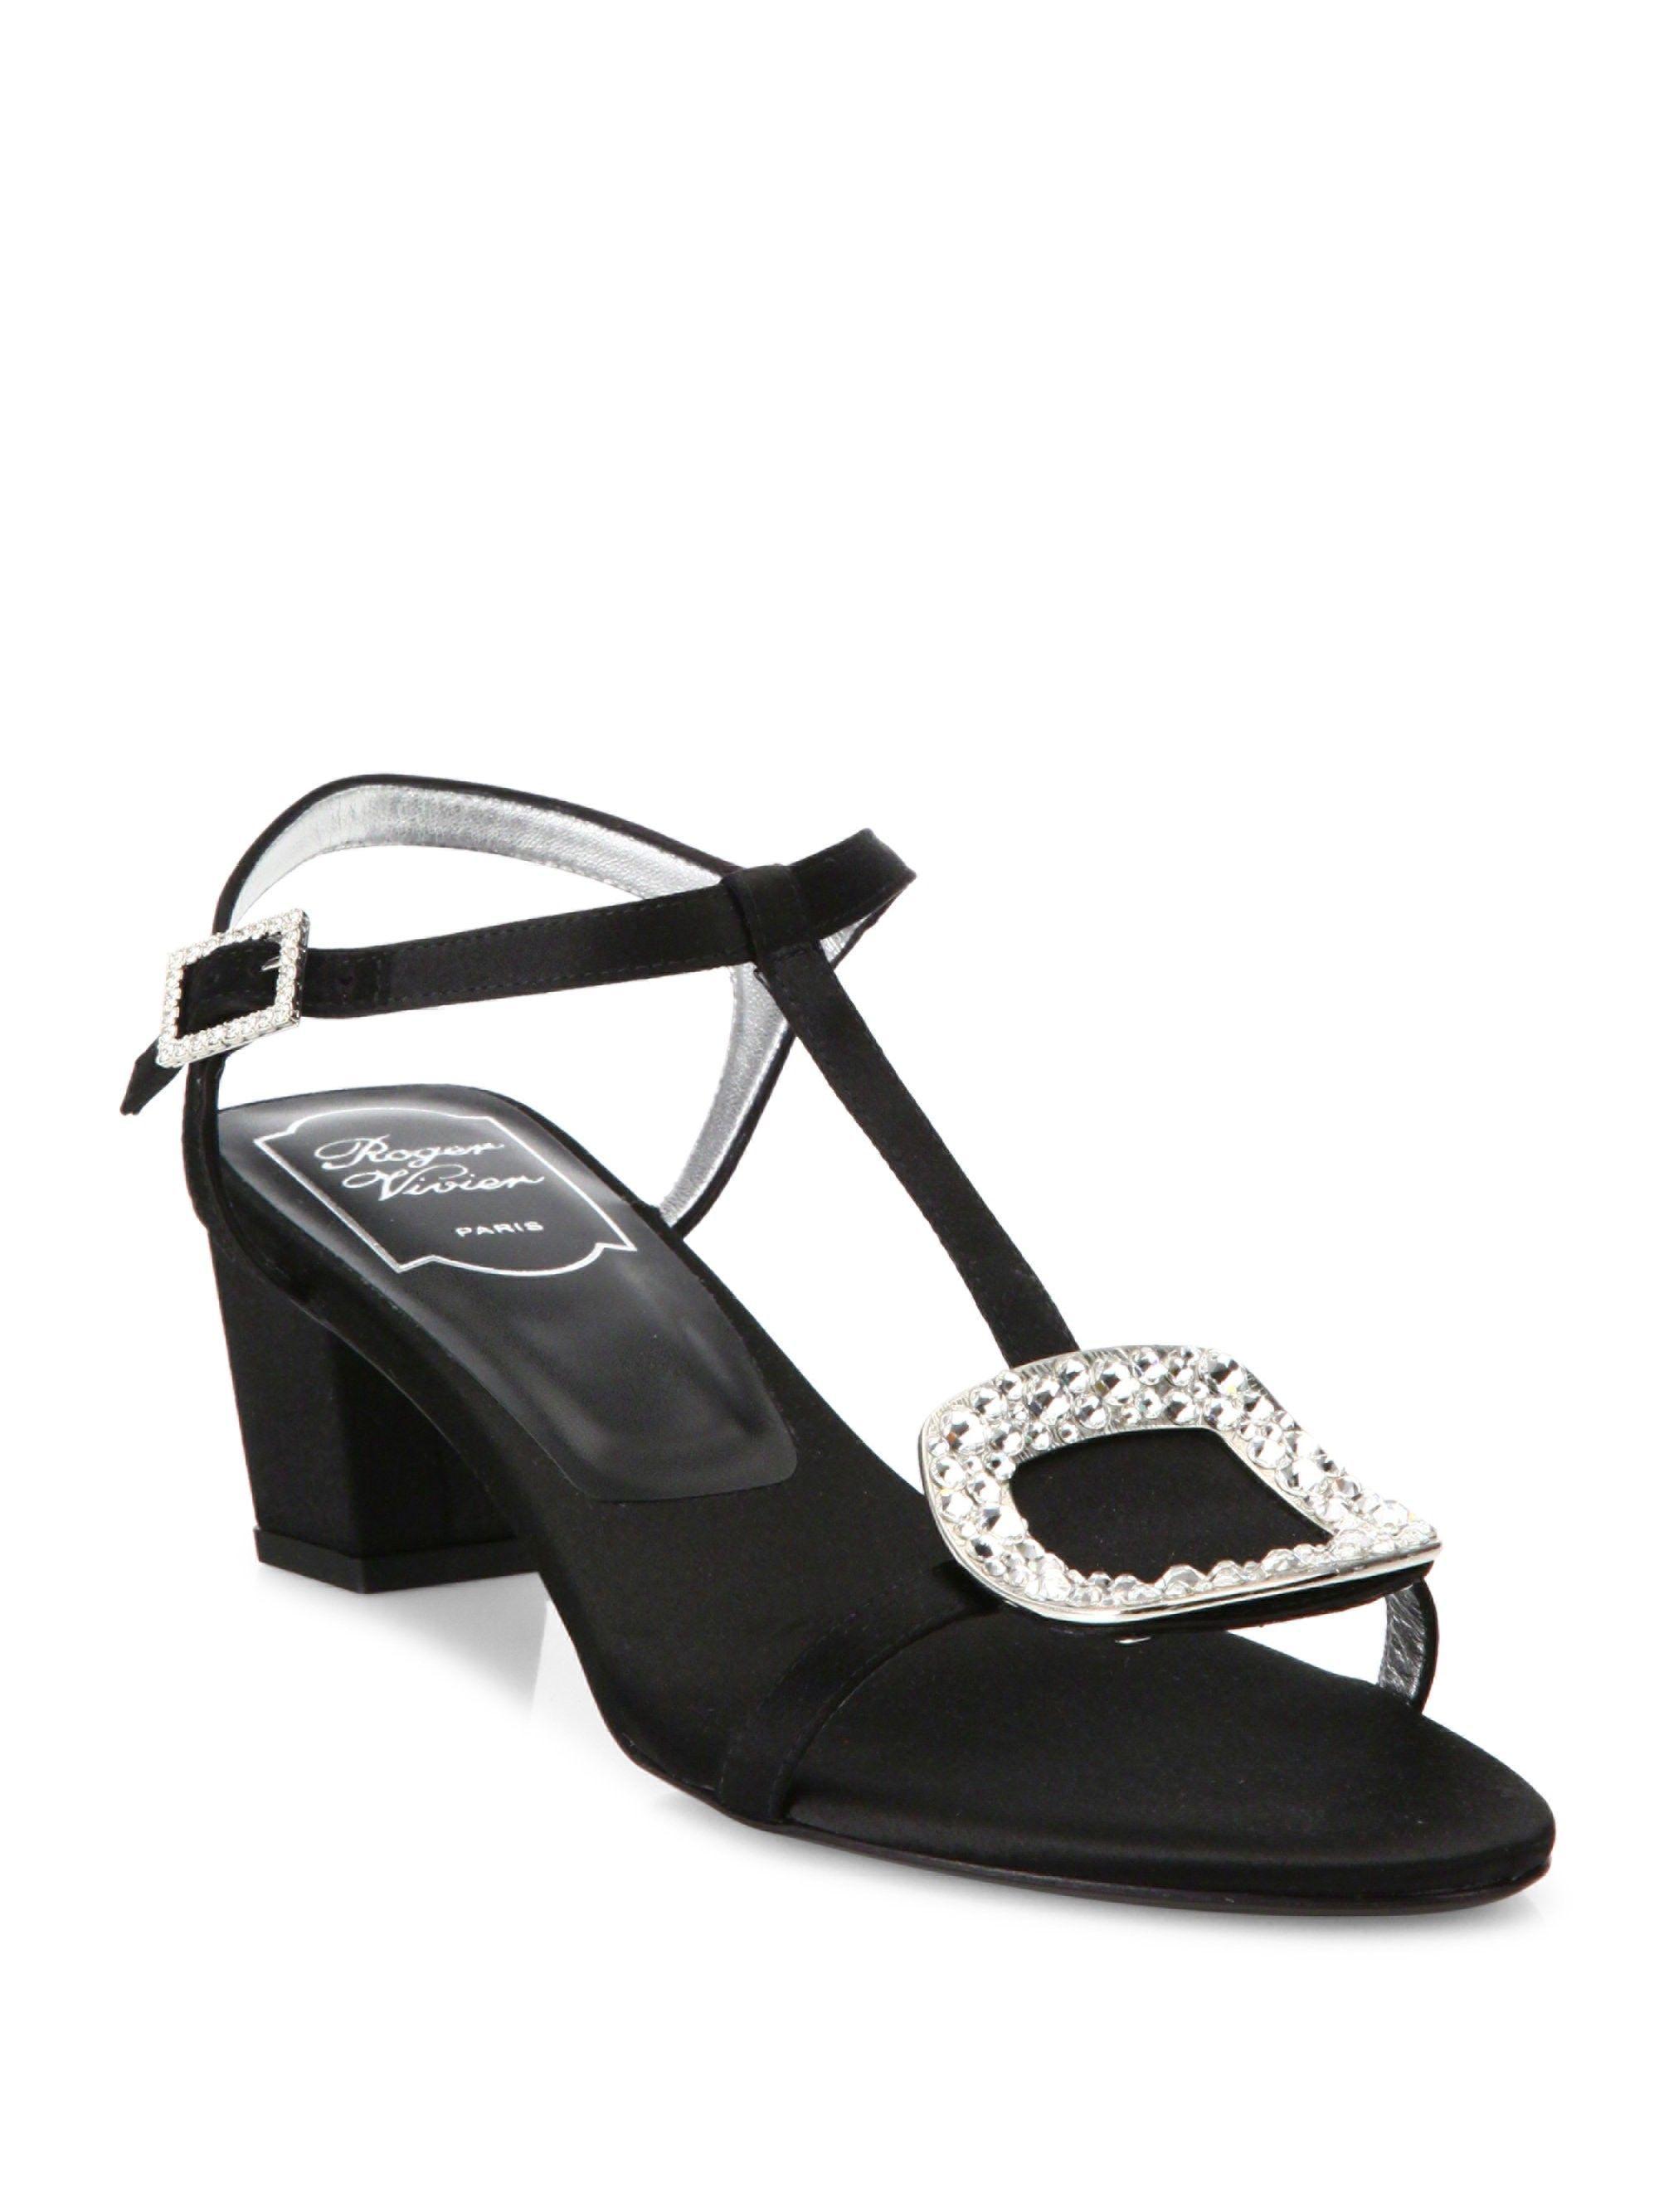 ce4fb73eca Roger Vivier Chips Crystal-Embellished Satin Sandals - Black 38.5 (8.5)